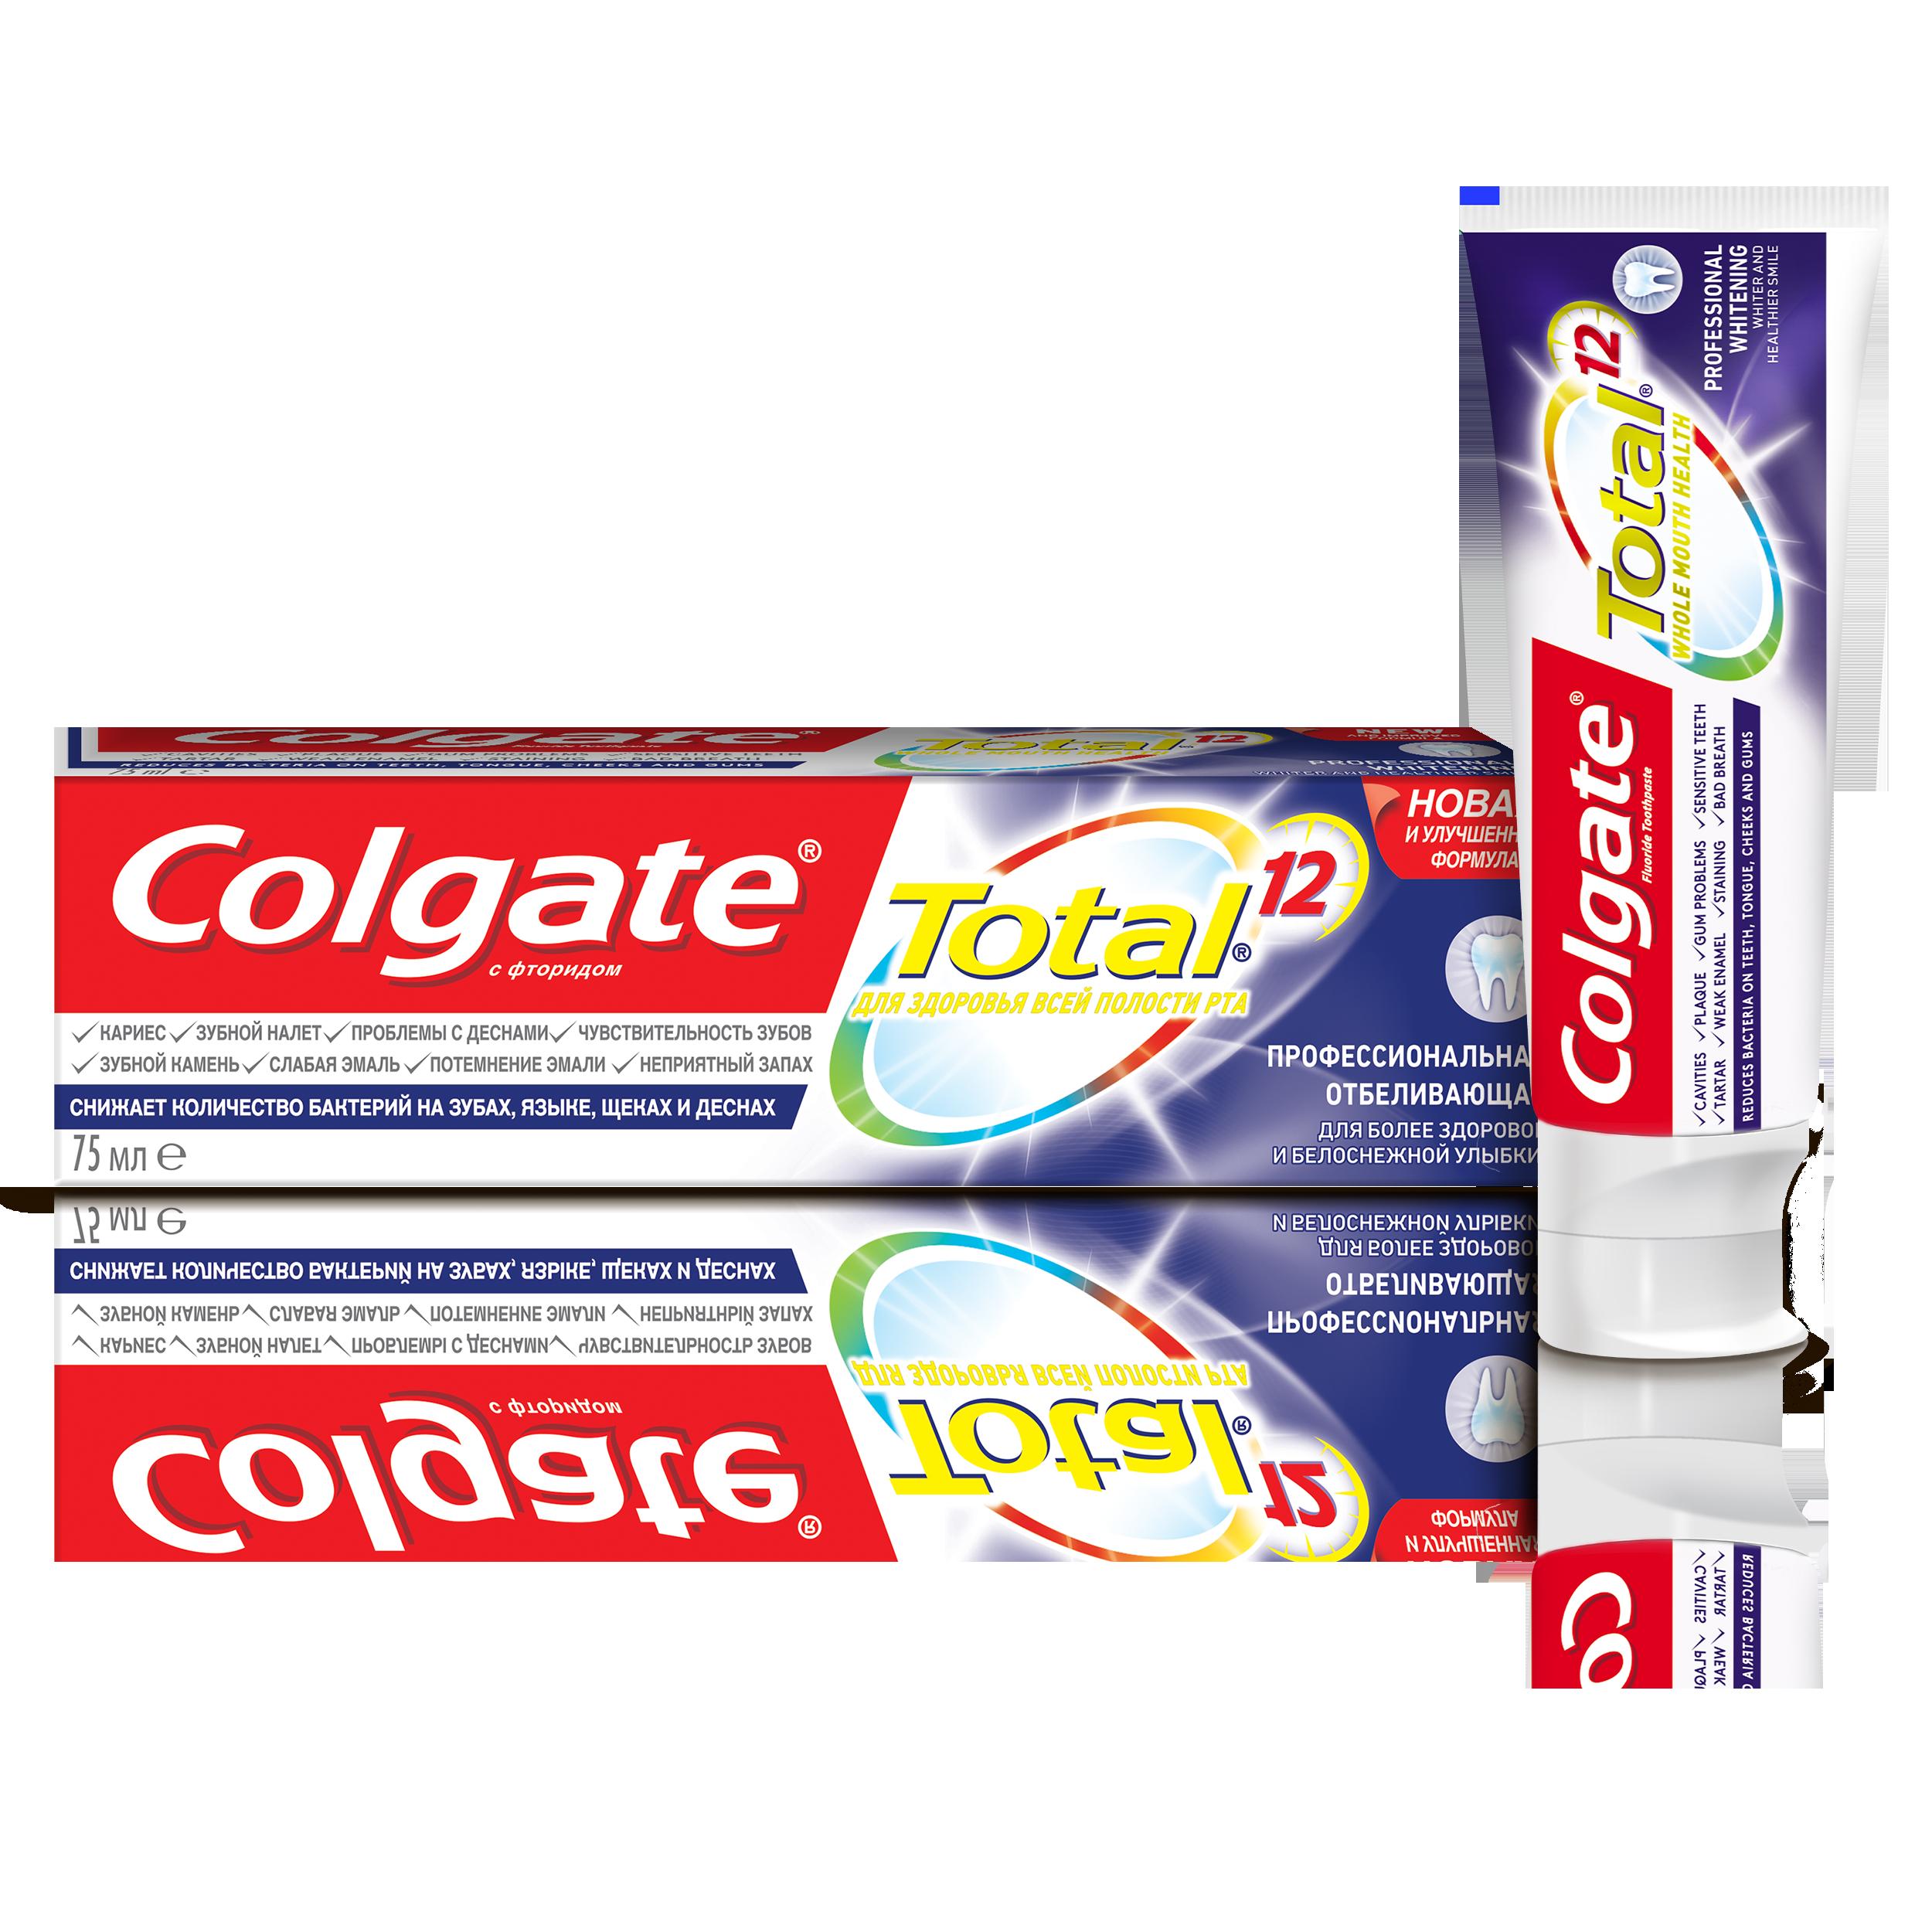 Зубная паста Colgate TOTAL12 Профессиональная отбеливающая 75мл фото